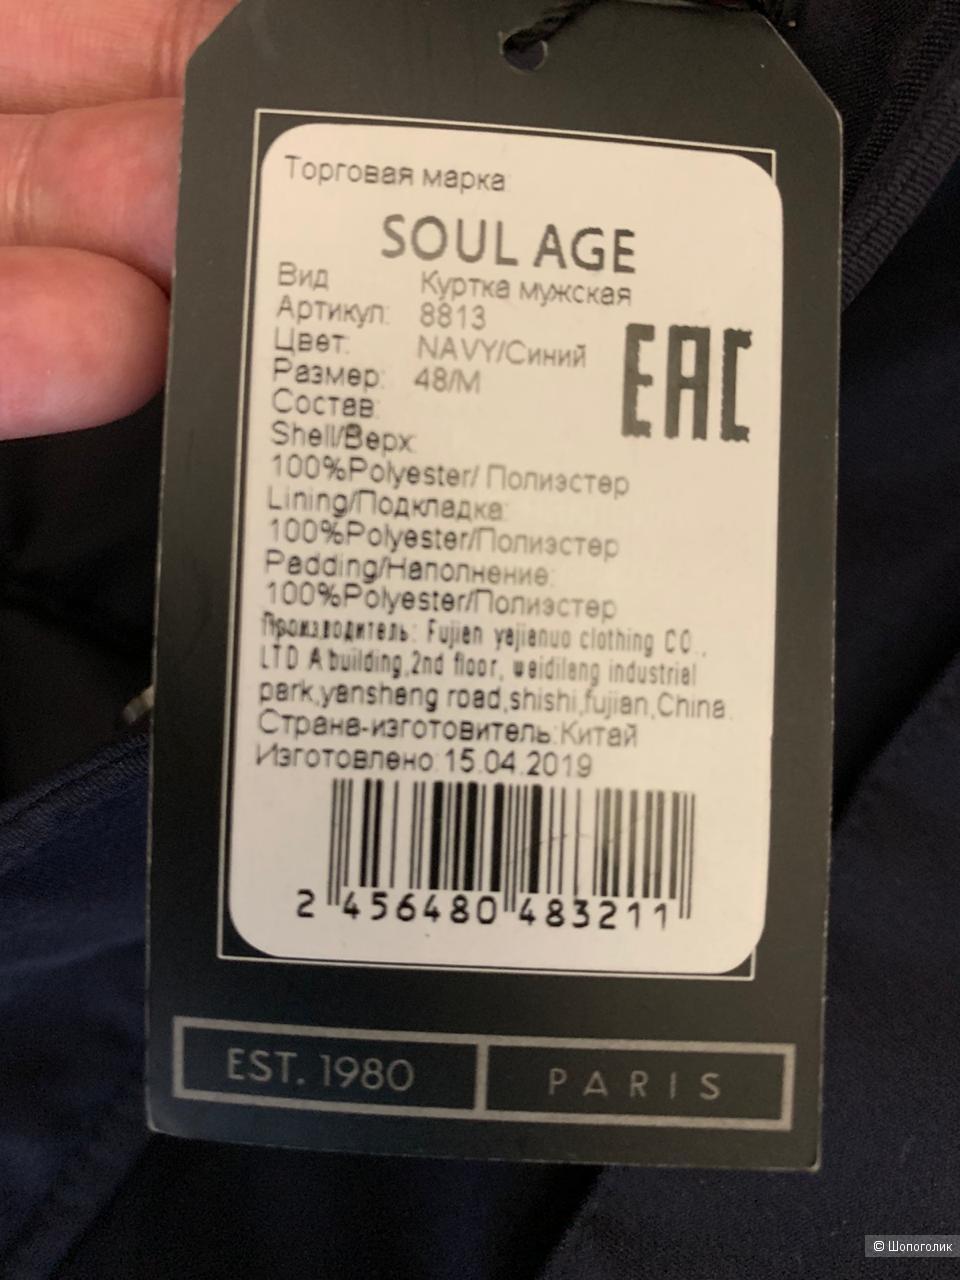 Soul age парка м